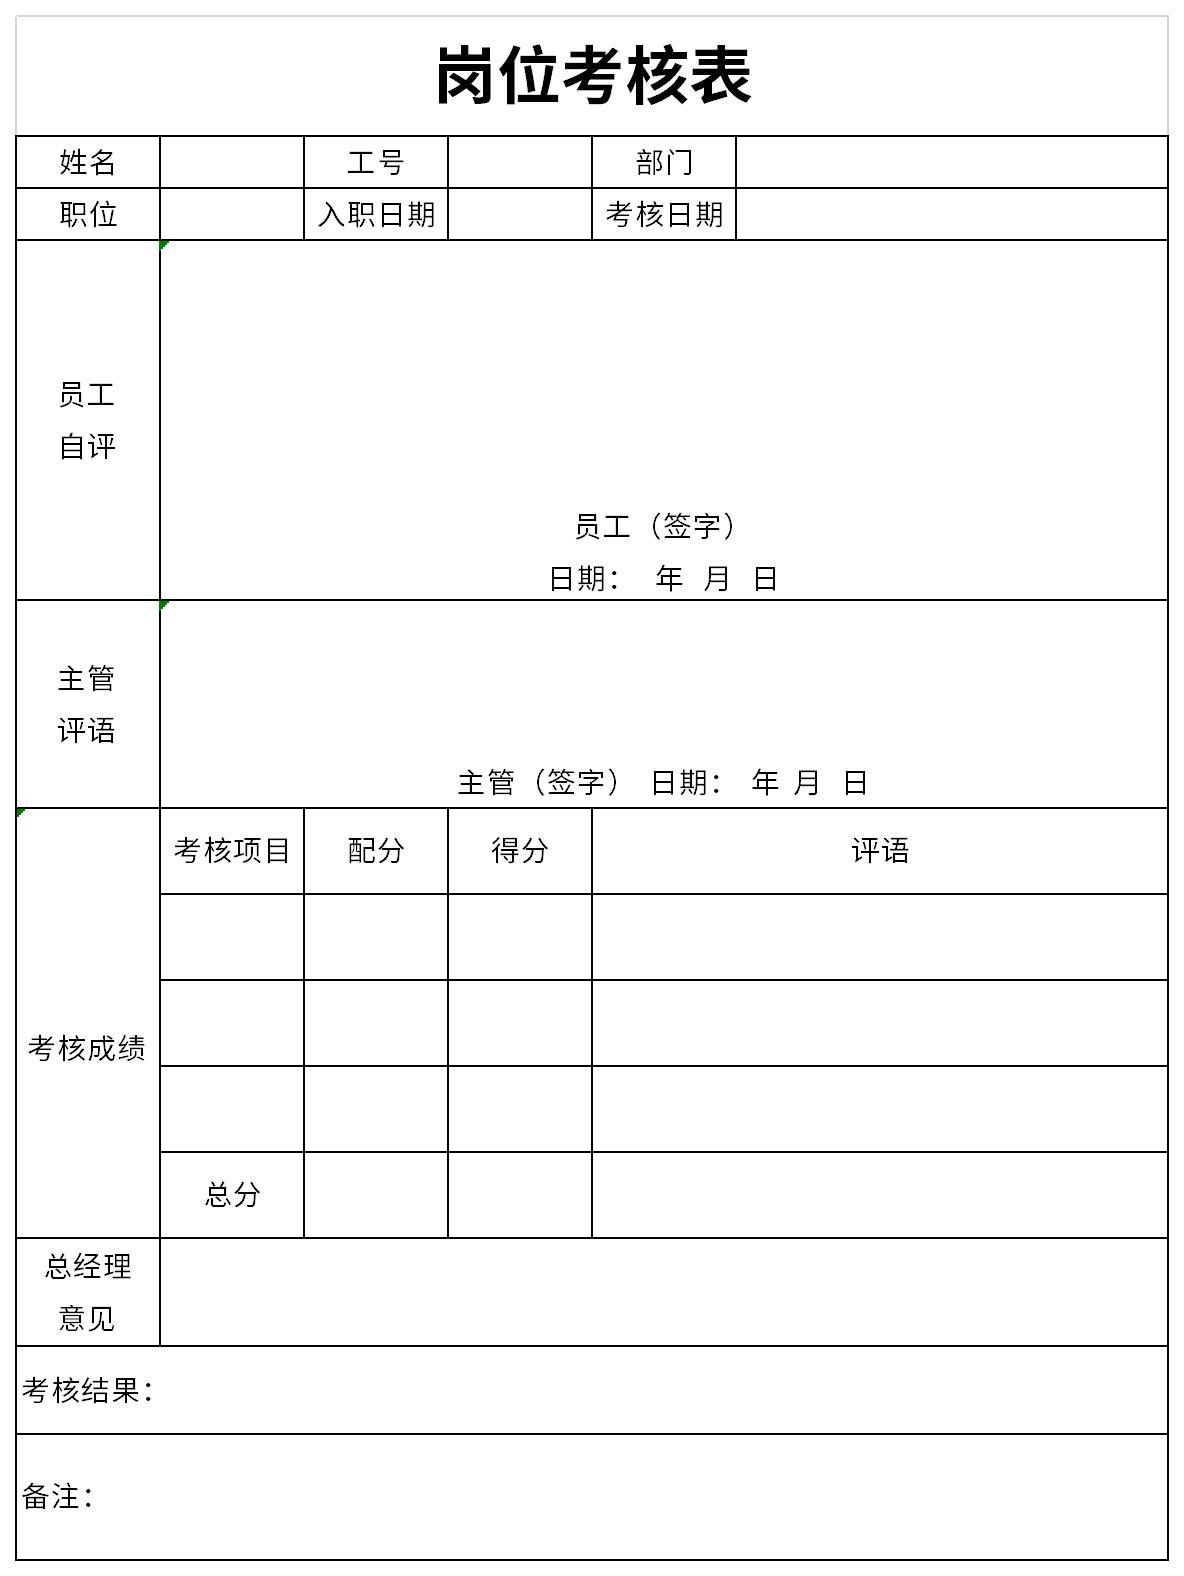 岗位考核表截图